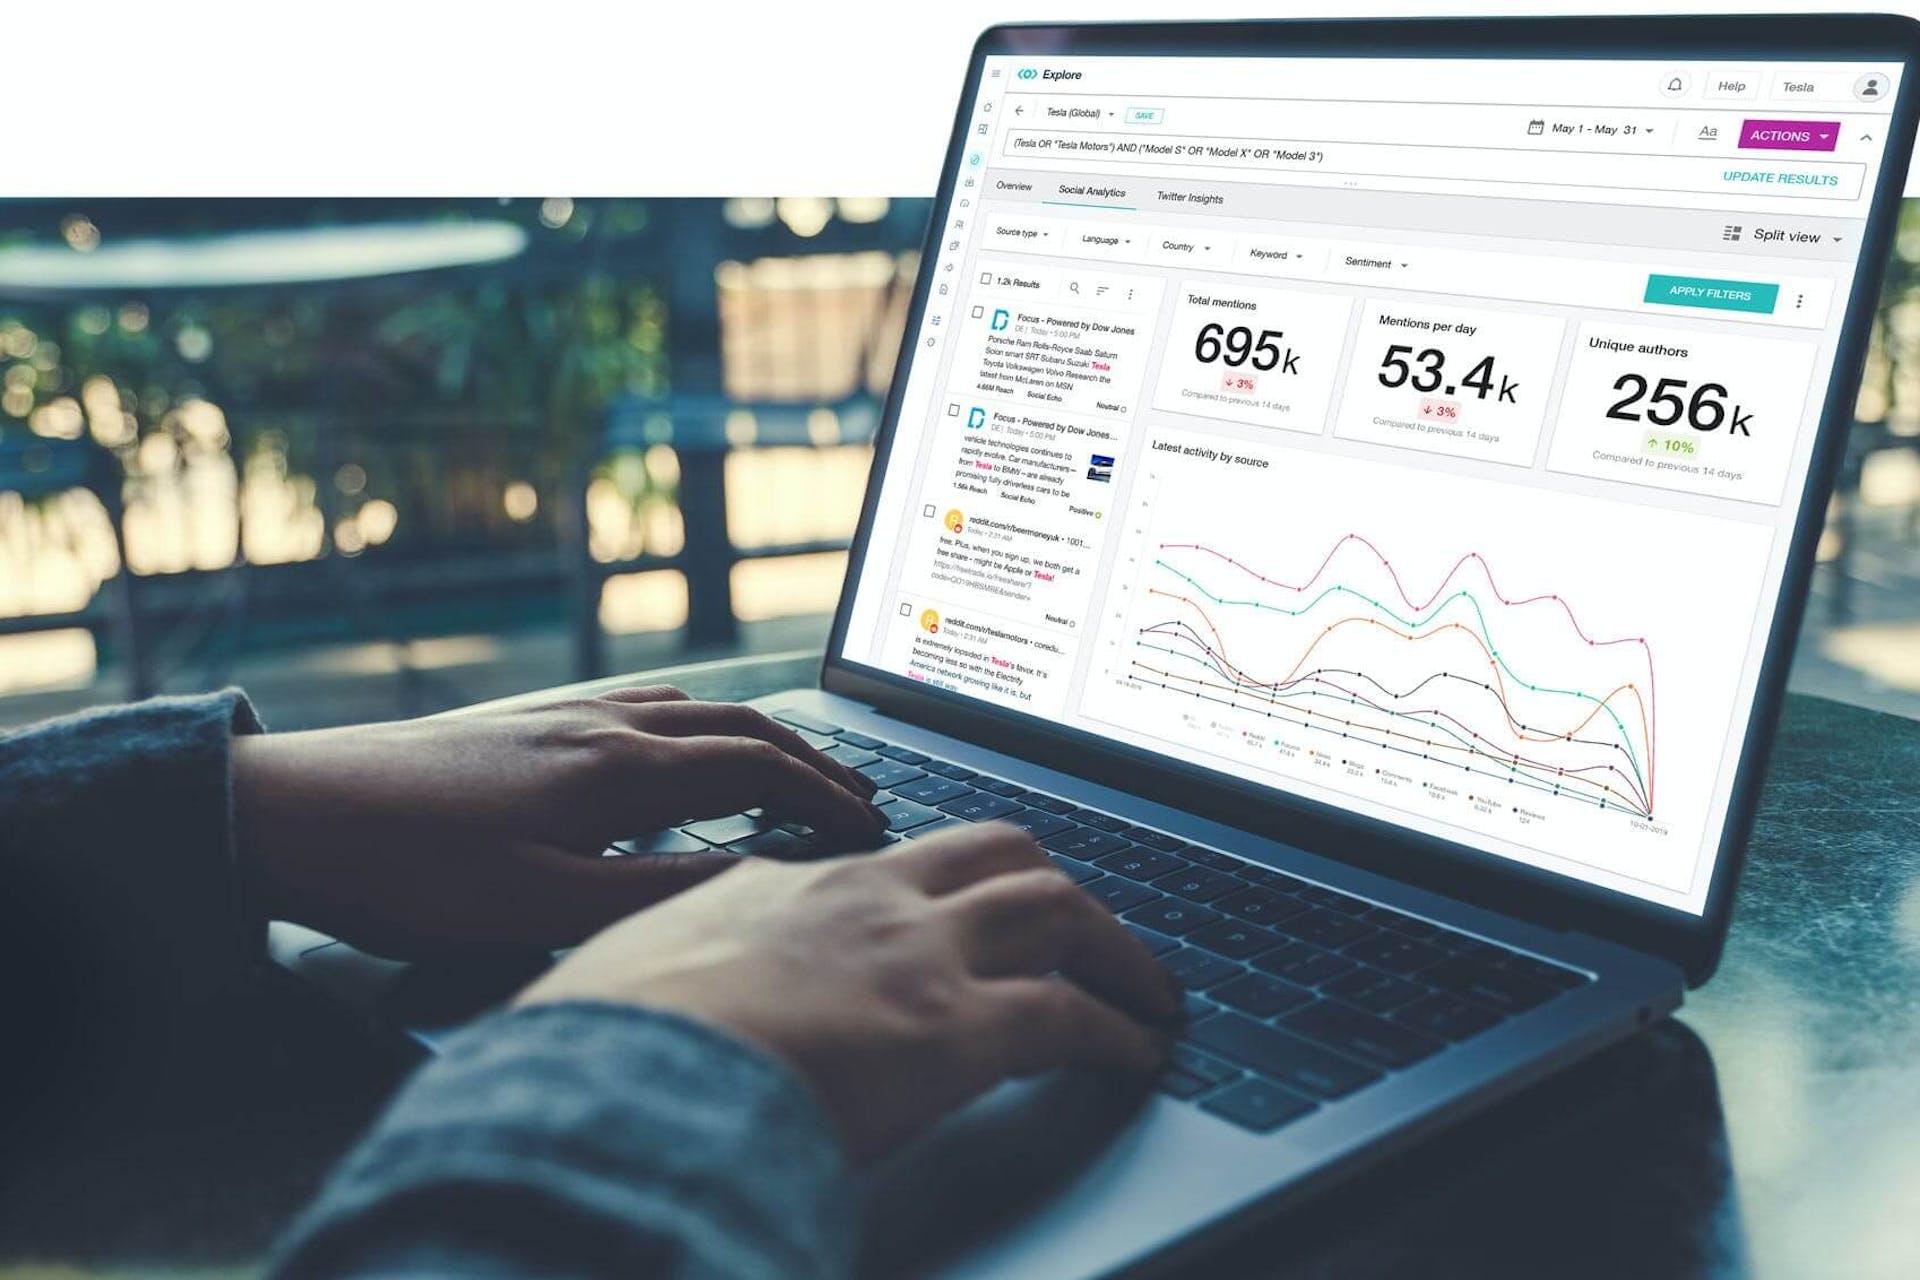 Ein Mann arbeitet an einem Laptop. Auf dem Display sind verschiedene statistische Daten zu sehen, die von einem Competitive Intelligence Tool generiert werden. Dieser Leitfaden wird euch helfen, das Konzept von CI zu verstehen und wie es eurem Unternehmen nützen kann.